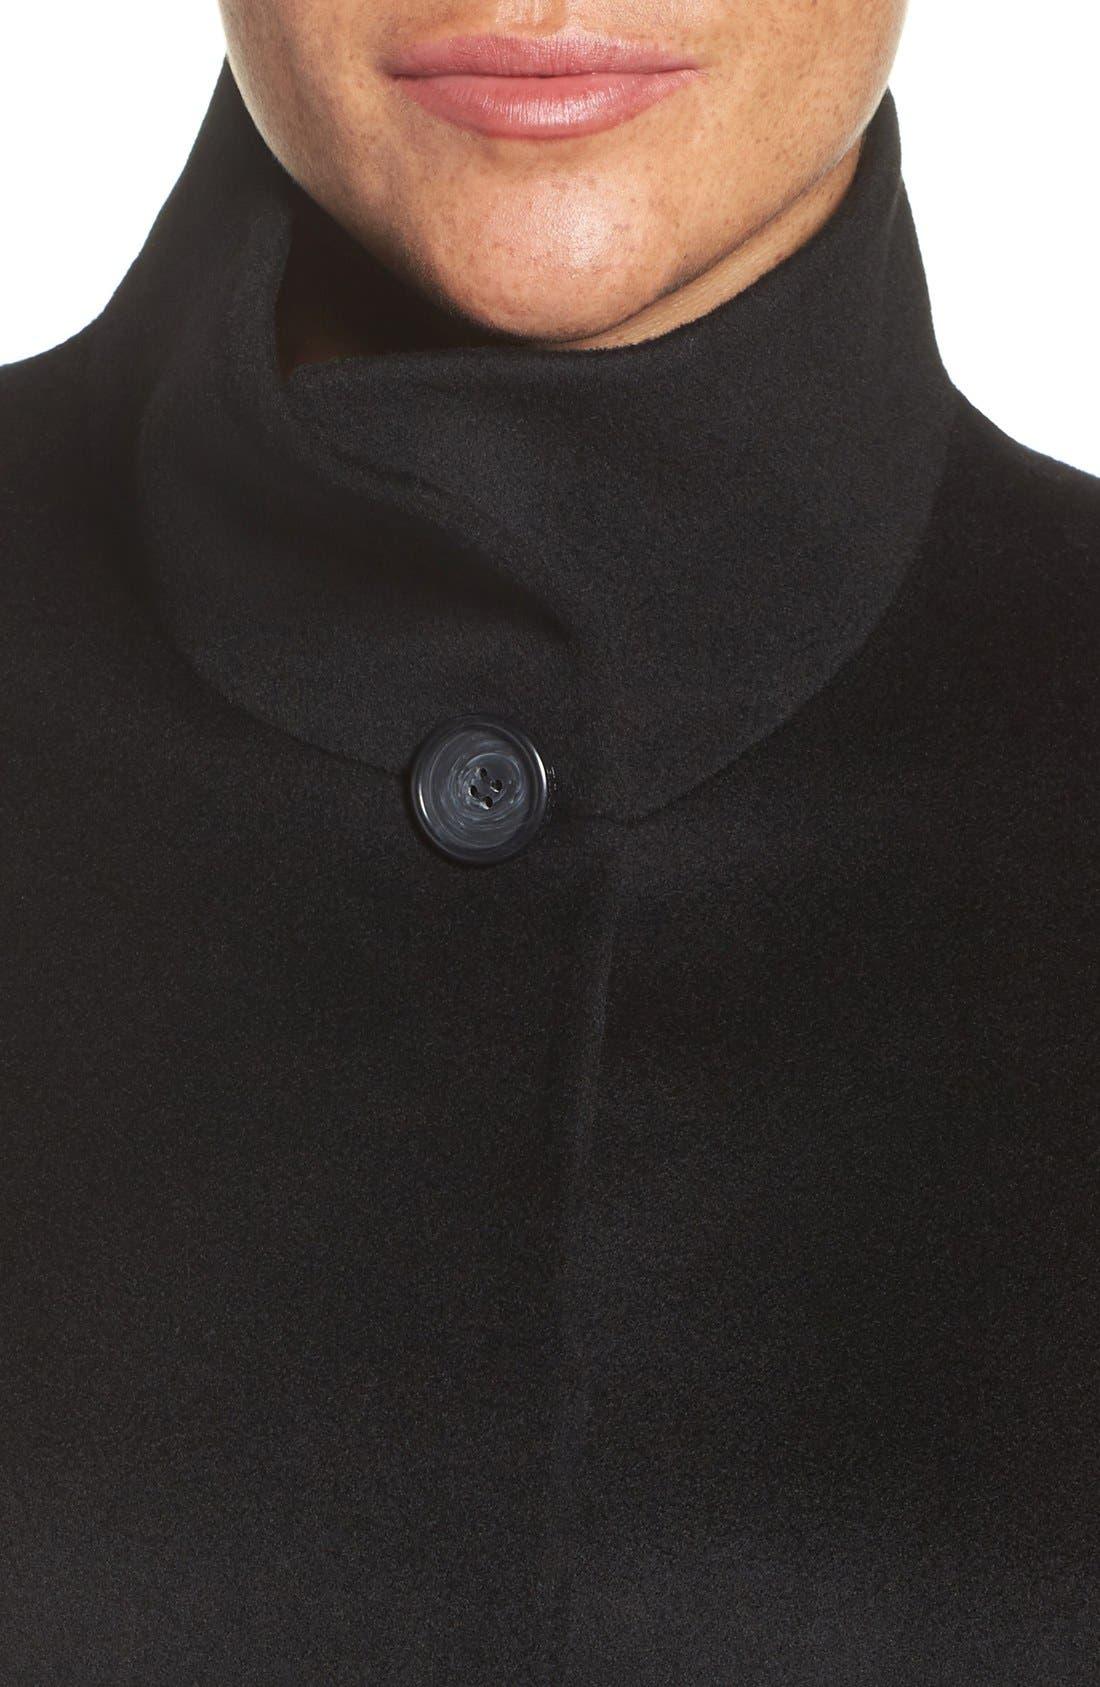 Loro Piana Wool Car Coat,                             Alternate thumbnail 4, color,                             Black